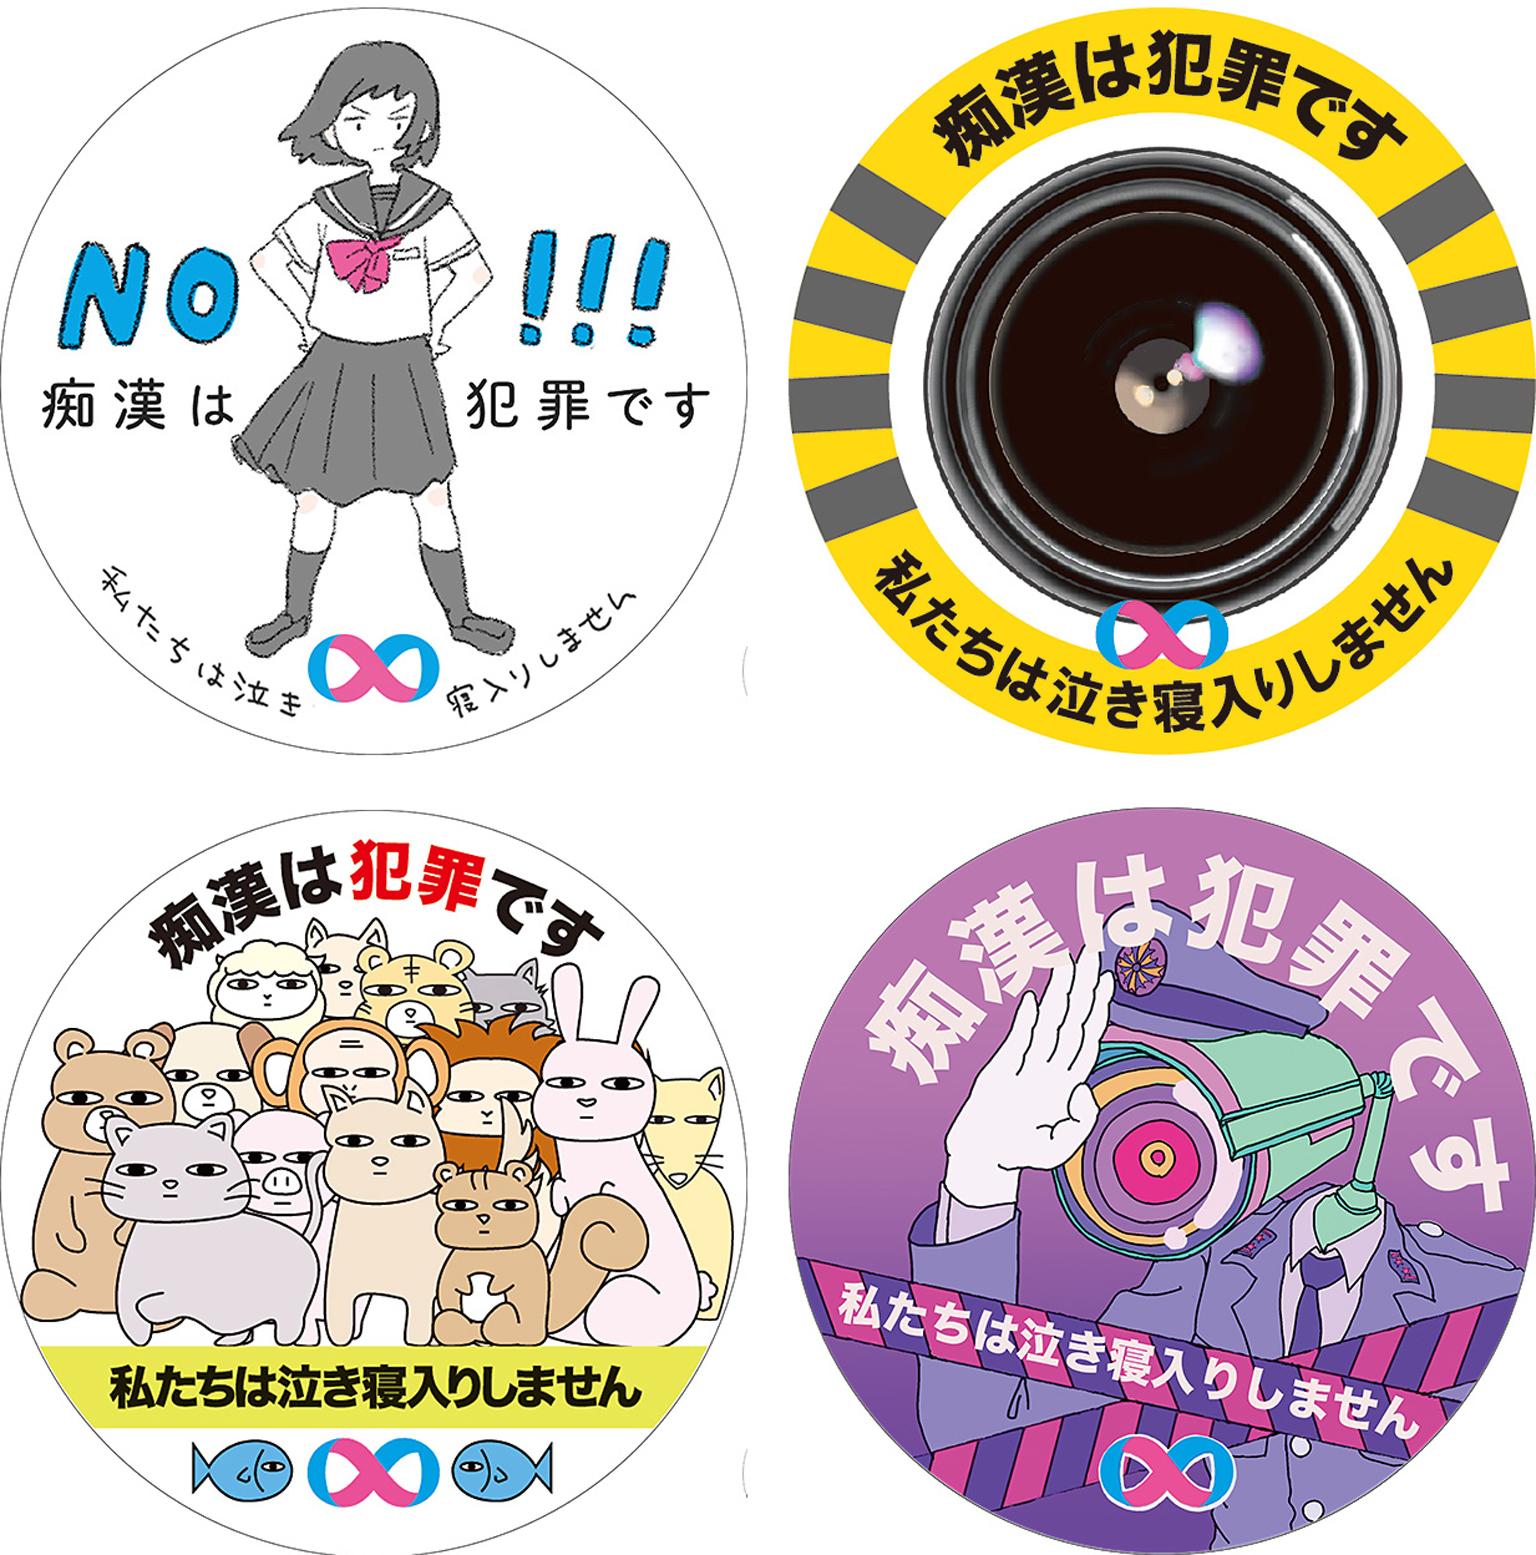 痴漢抑止バッジデザインコンテスト2019 受賞作